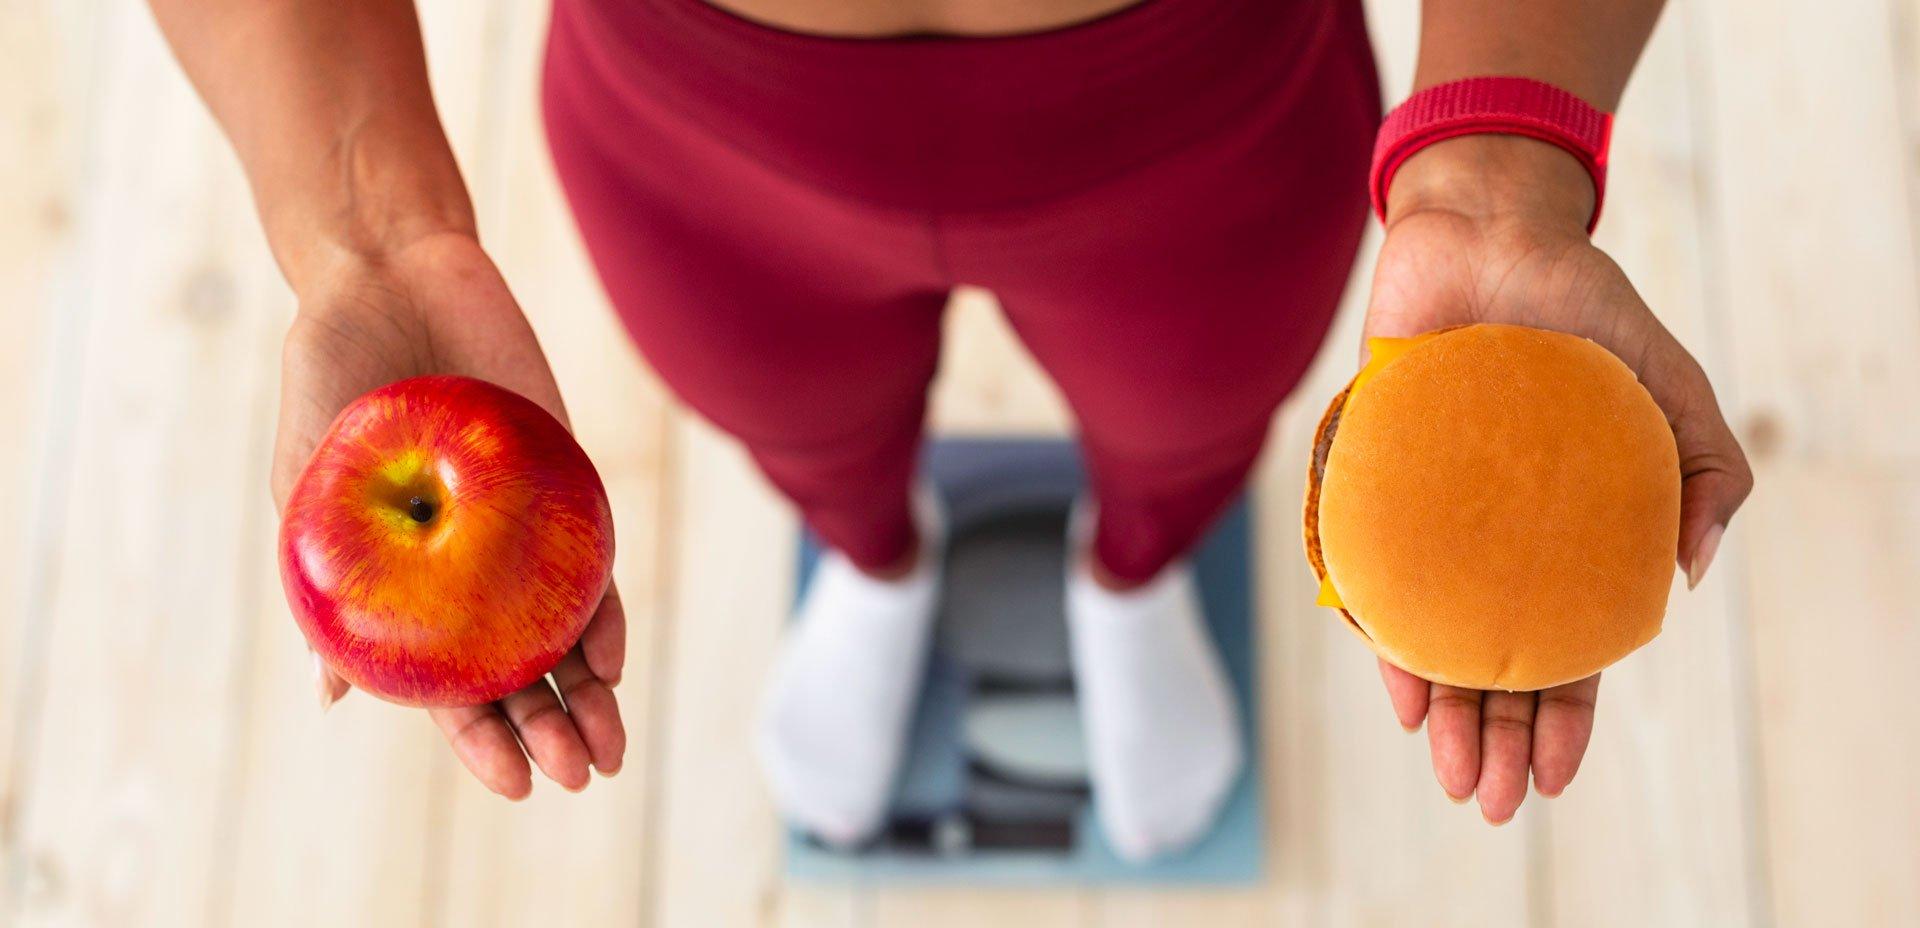 abitudini alimentari salutari